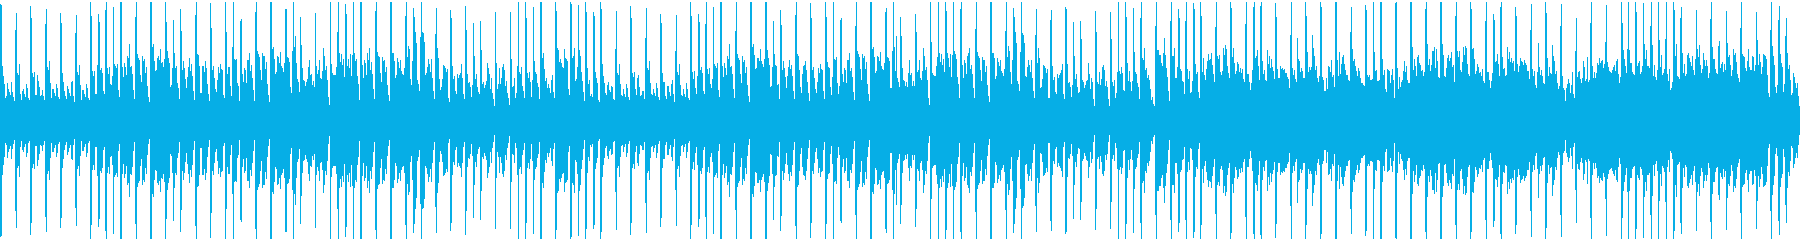 バンジョーとバイオリンの陽気なウエスタンの再生済みの波形